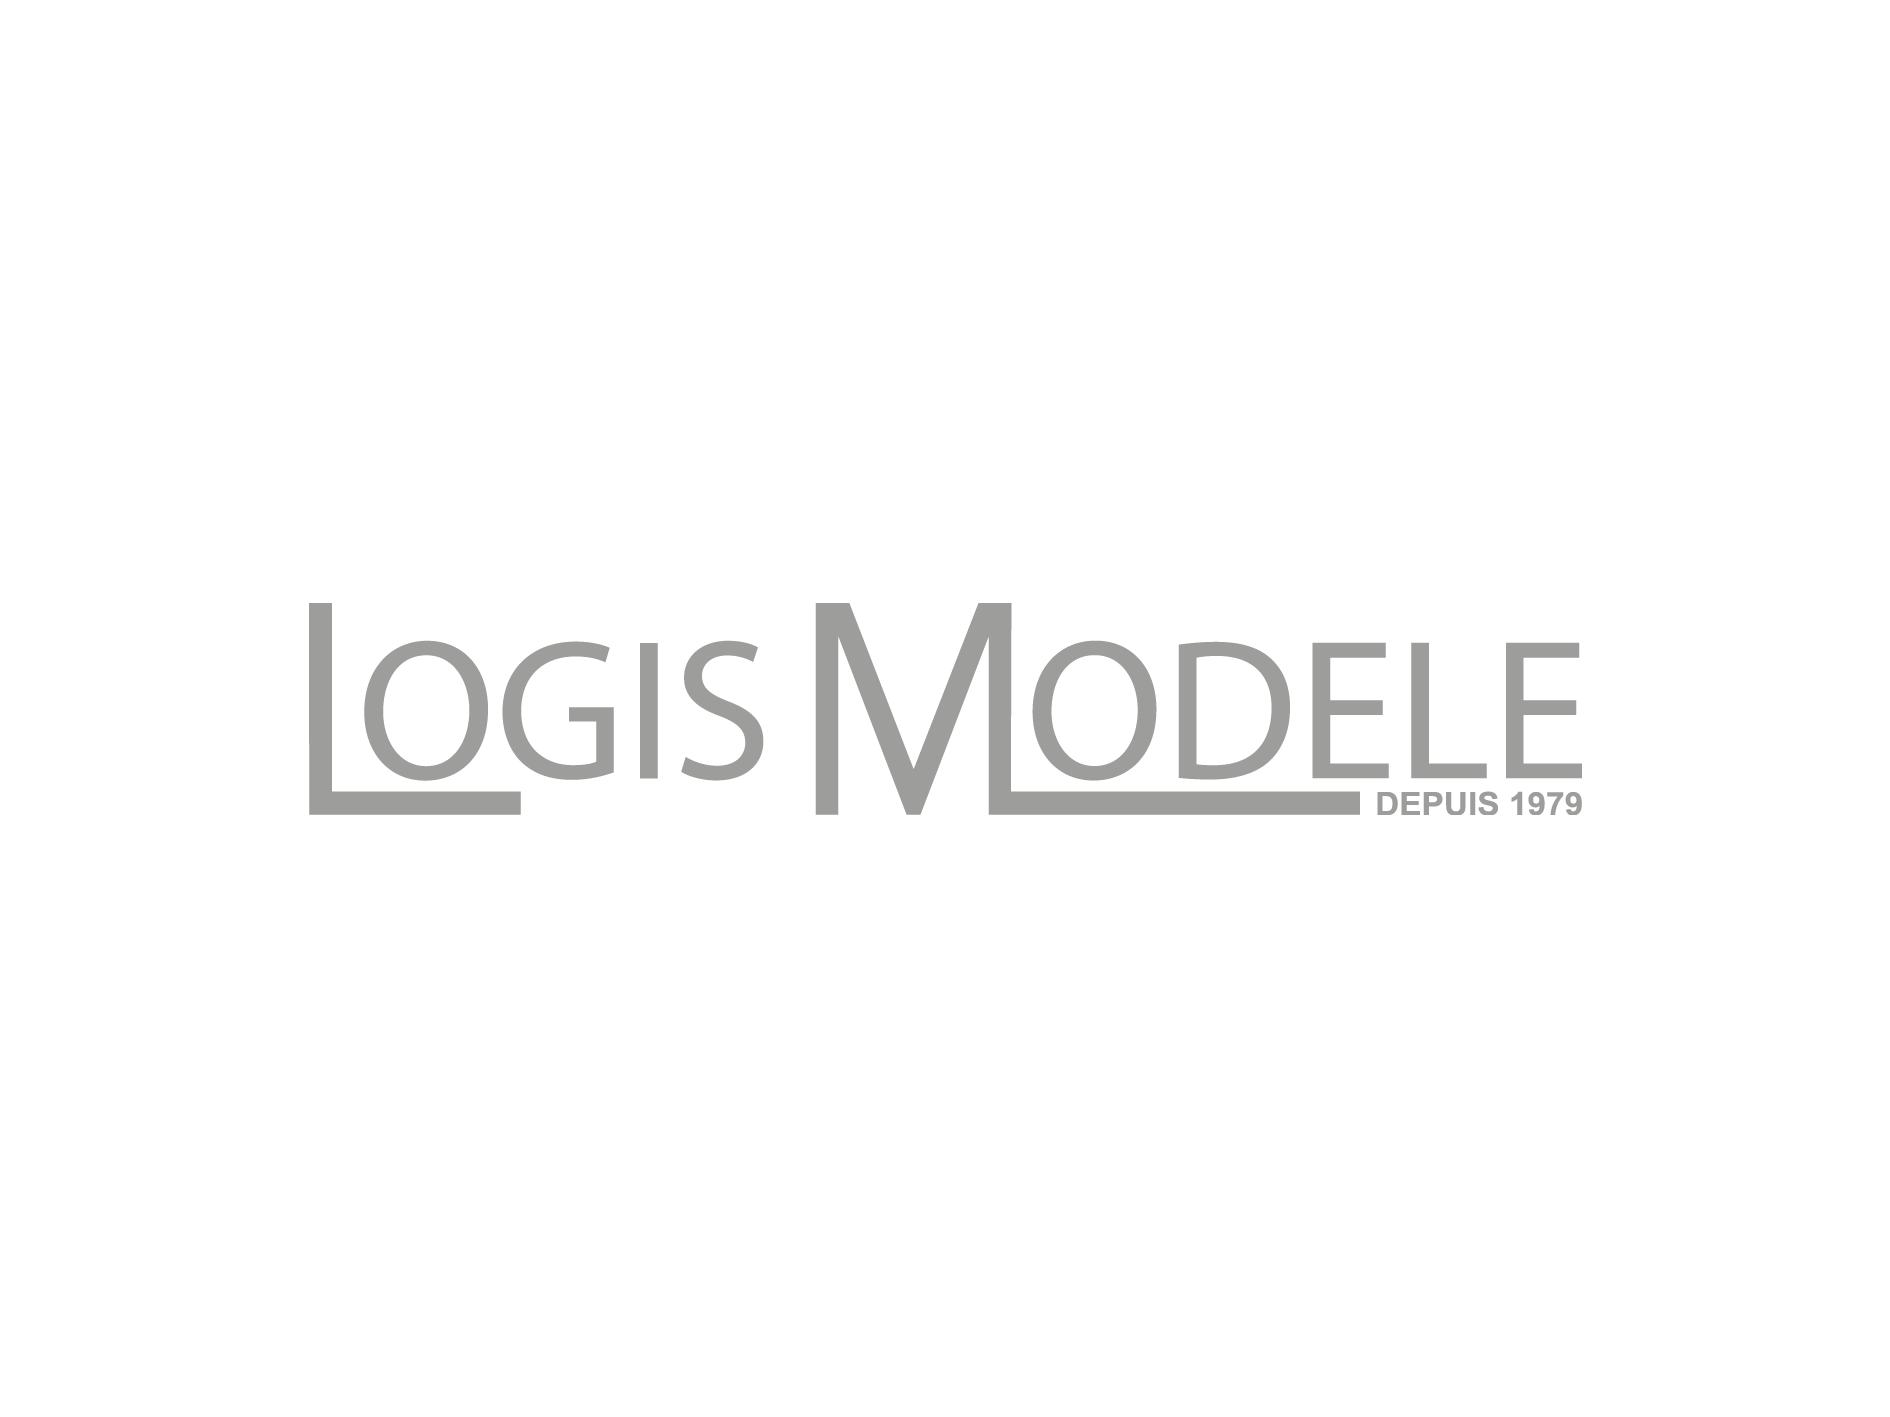 Logis Modele dépannage d'électroménager